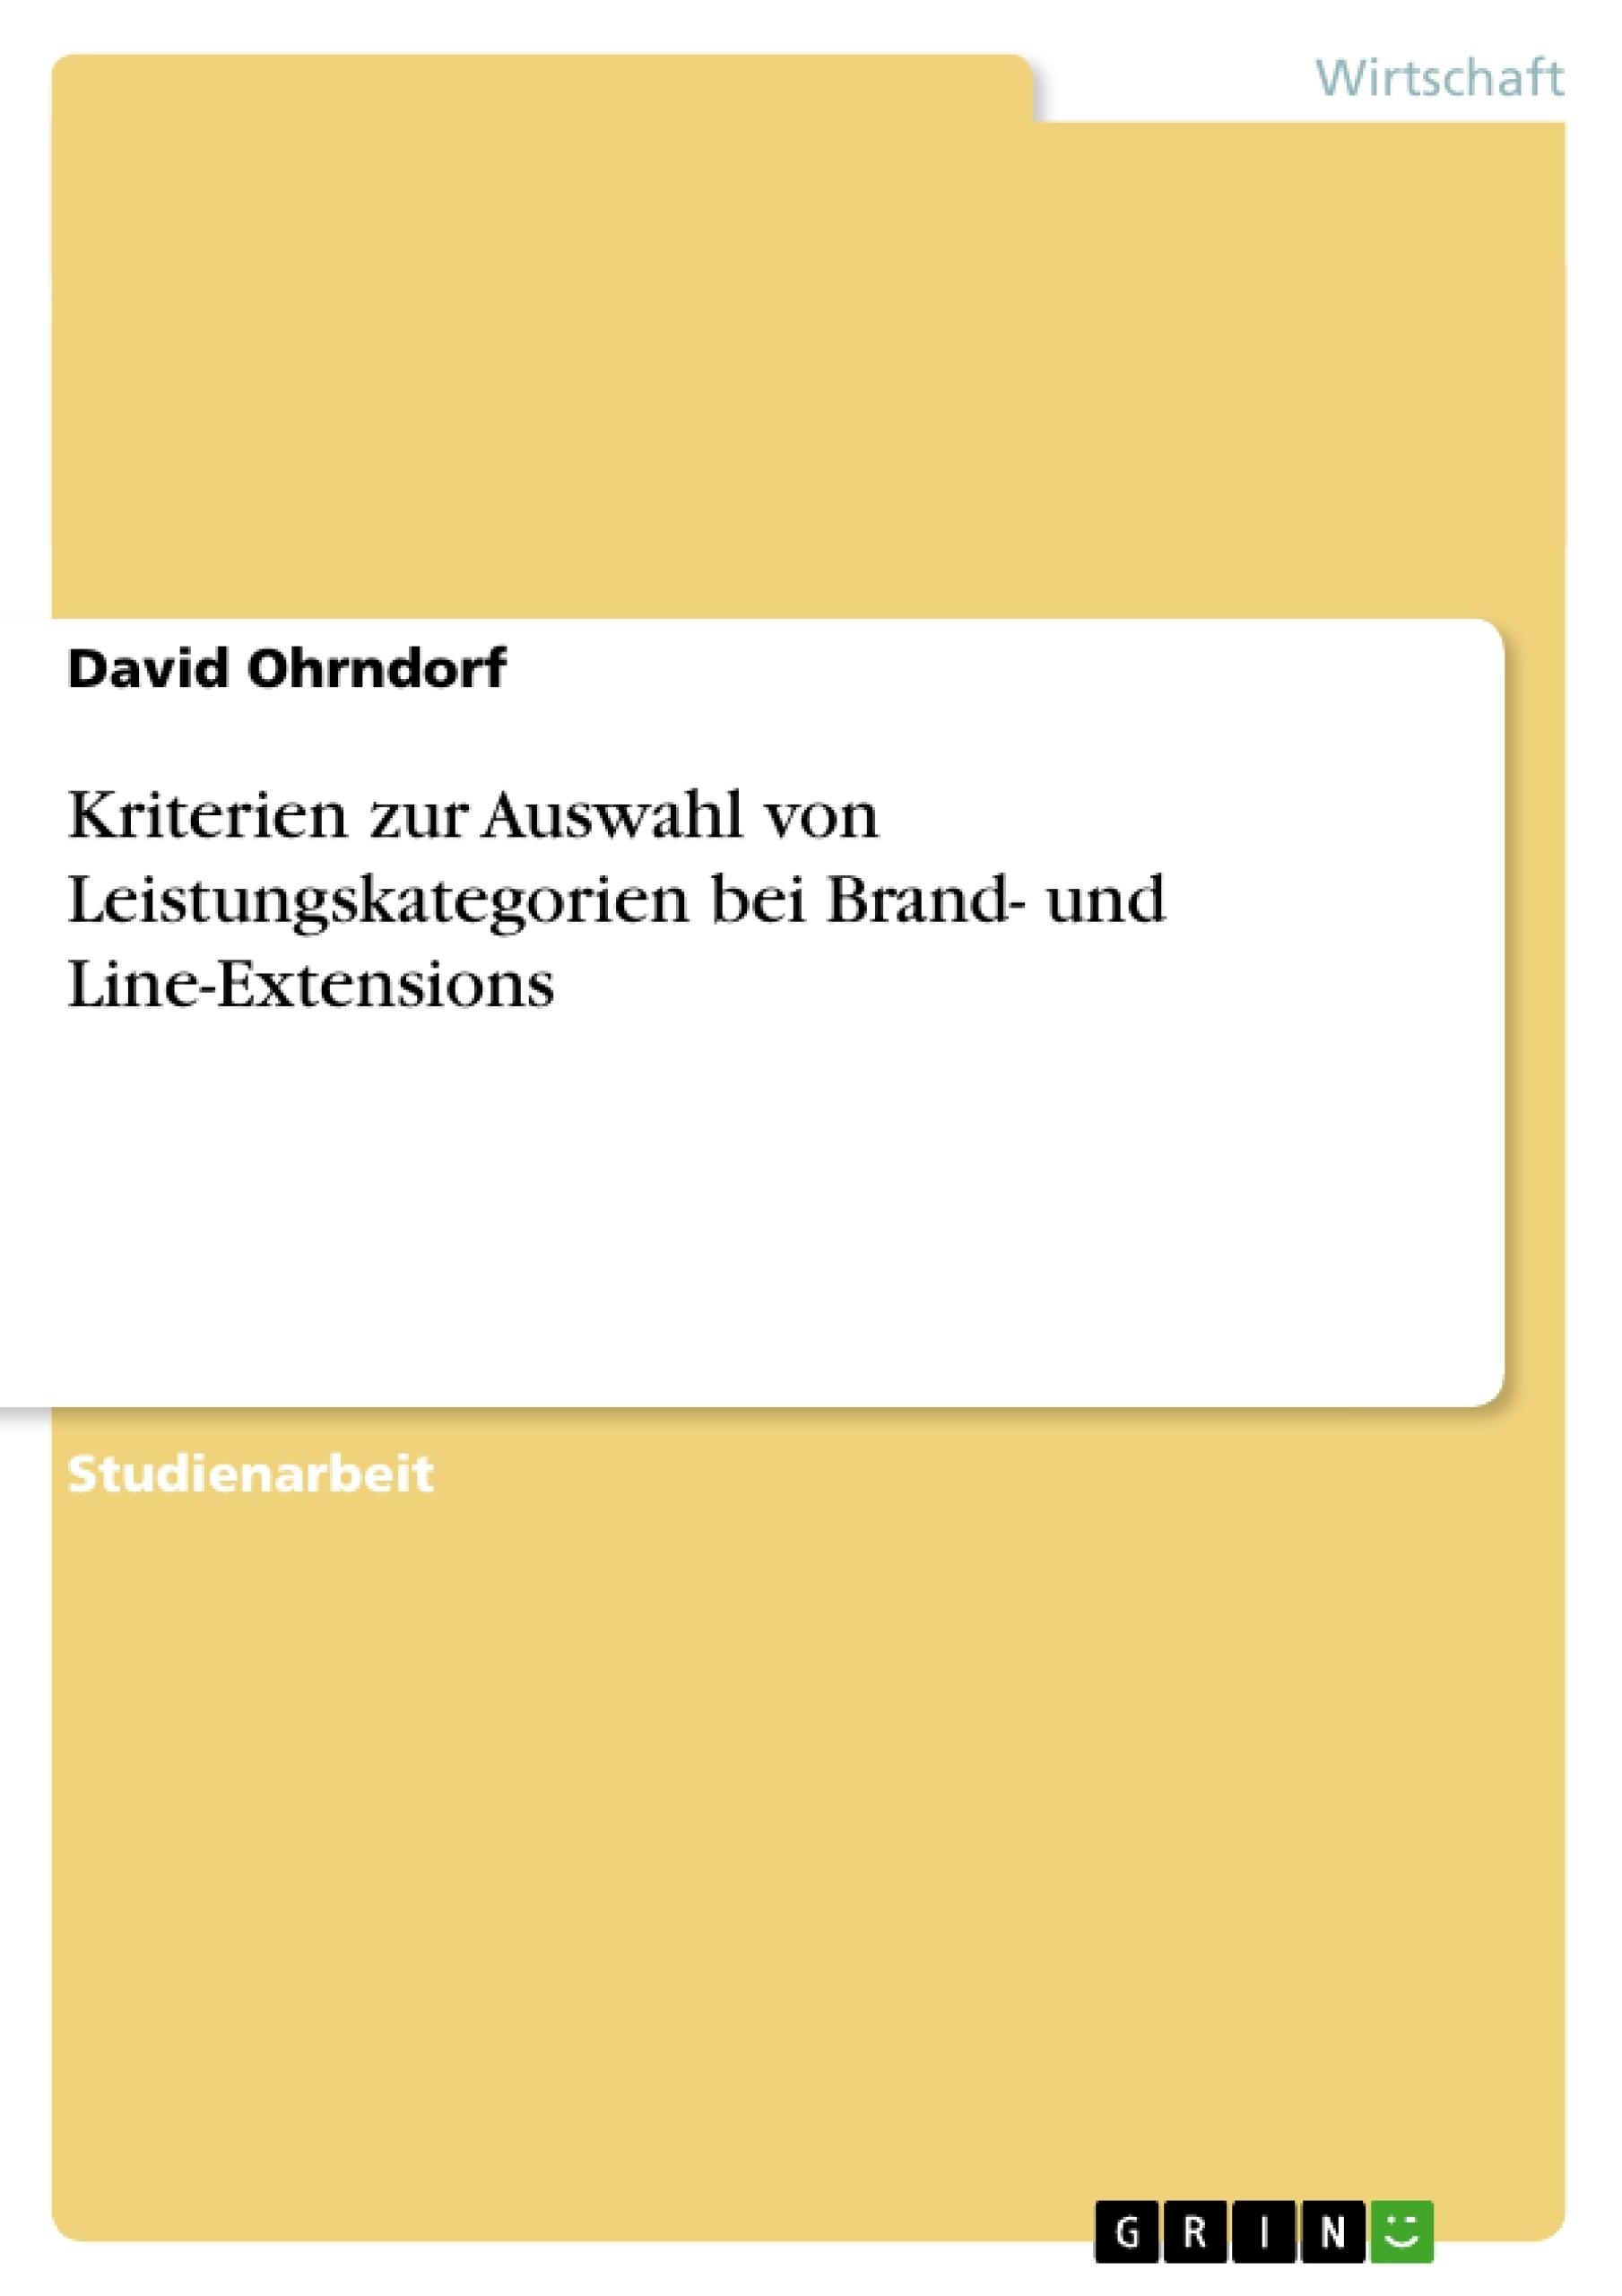 Titel: Kriterien zur Auswahl von Leistungskategorien bei Brand- und Line-Extensions